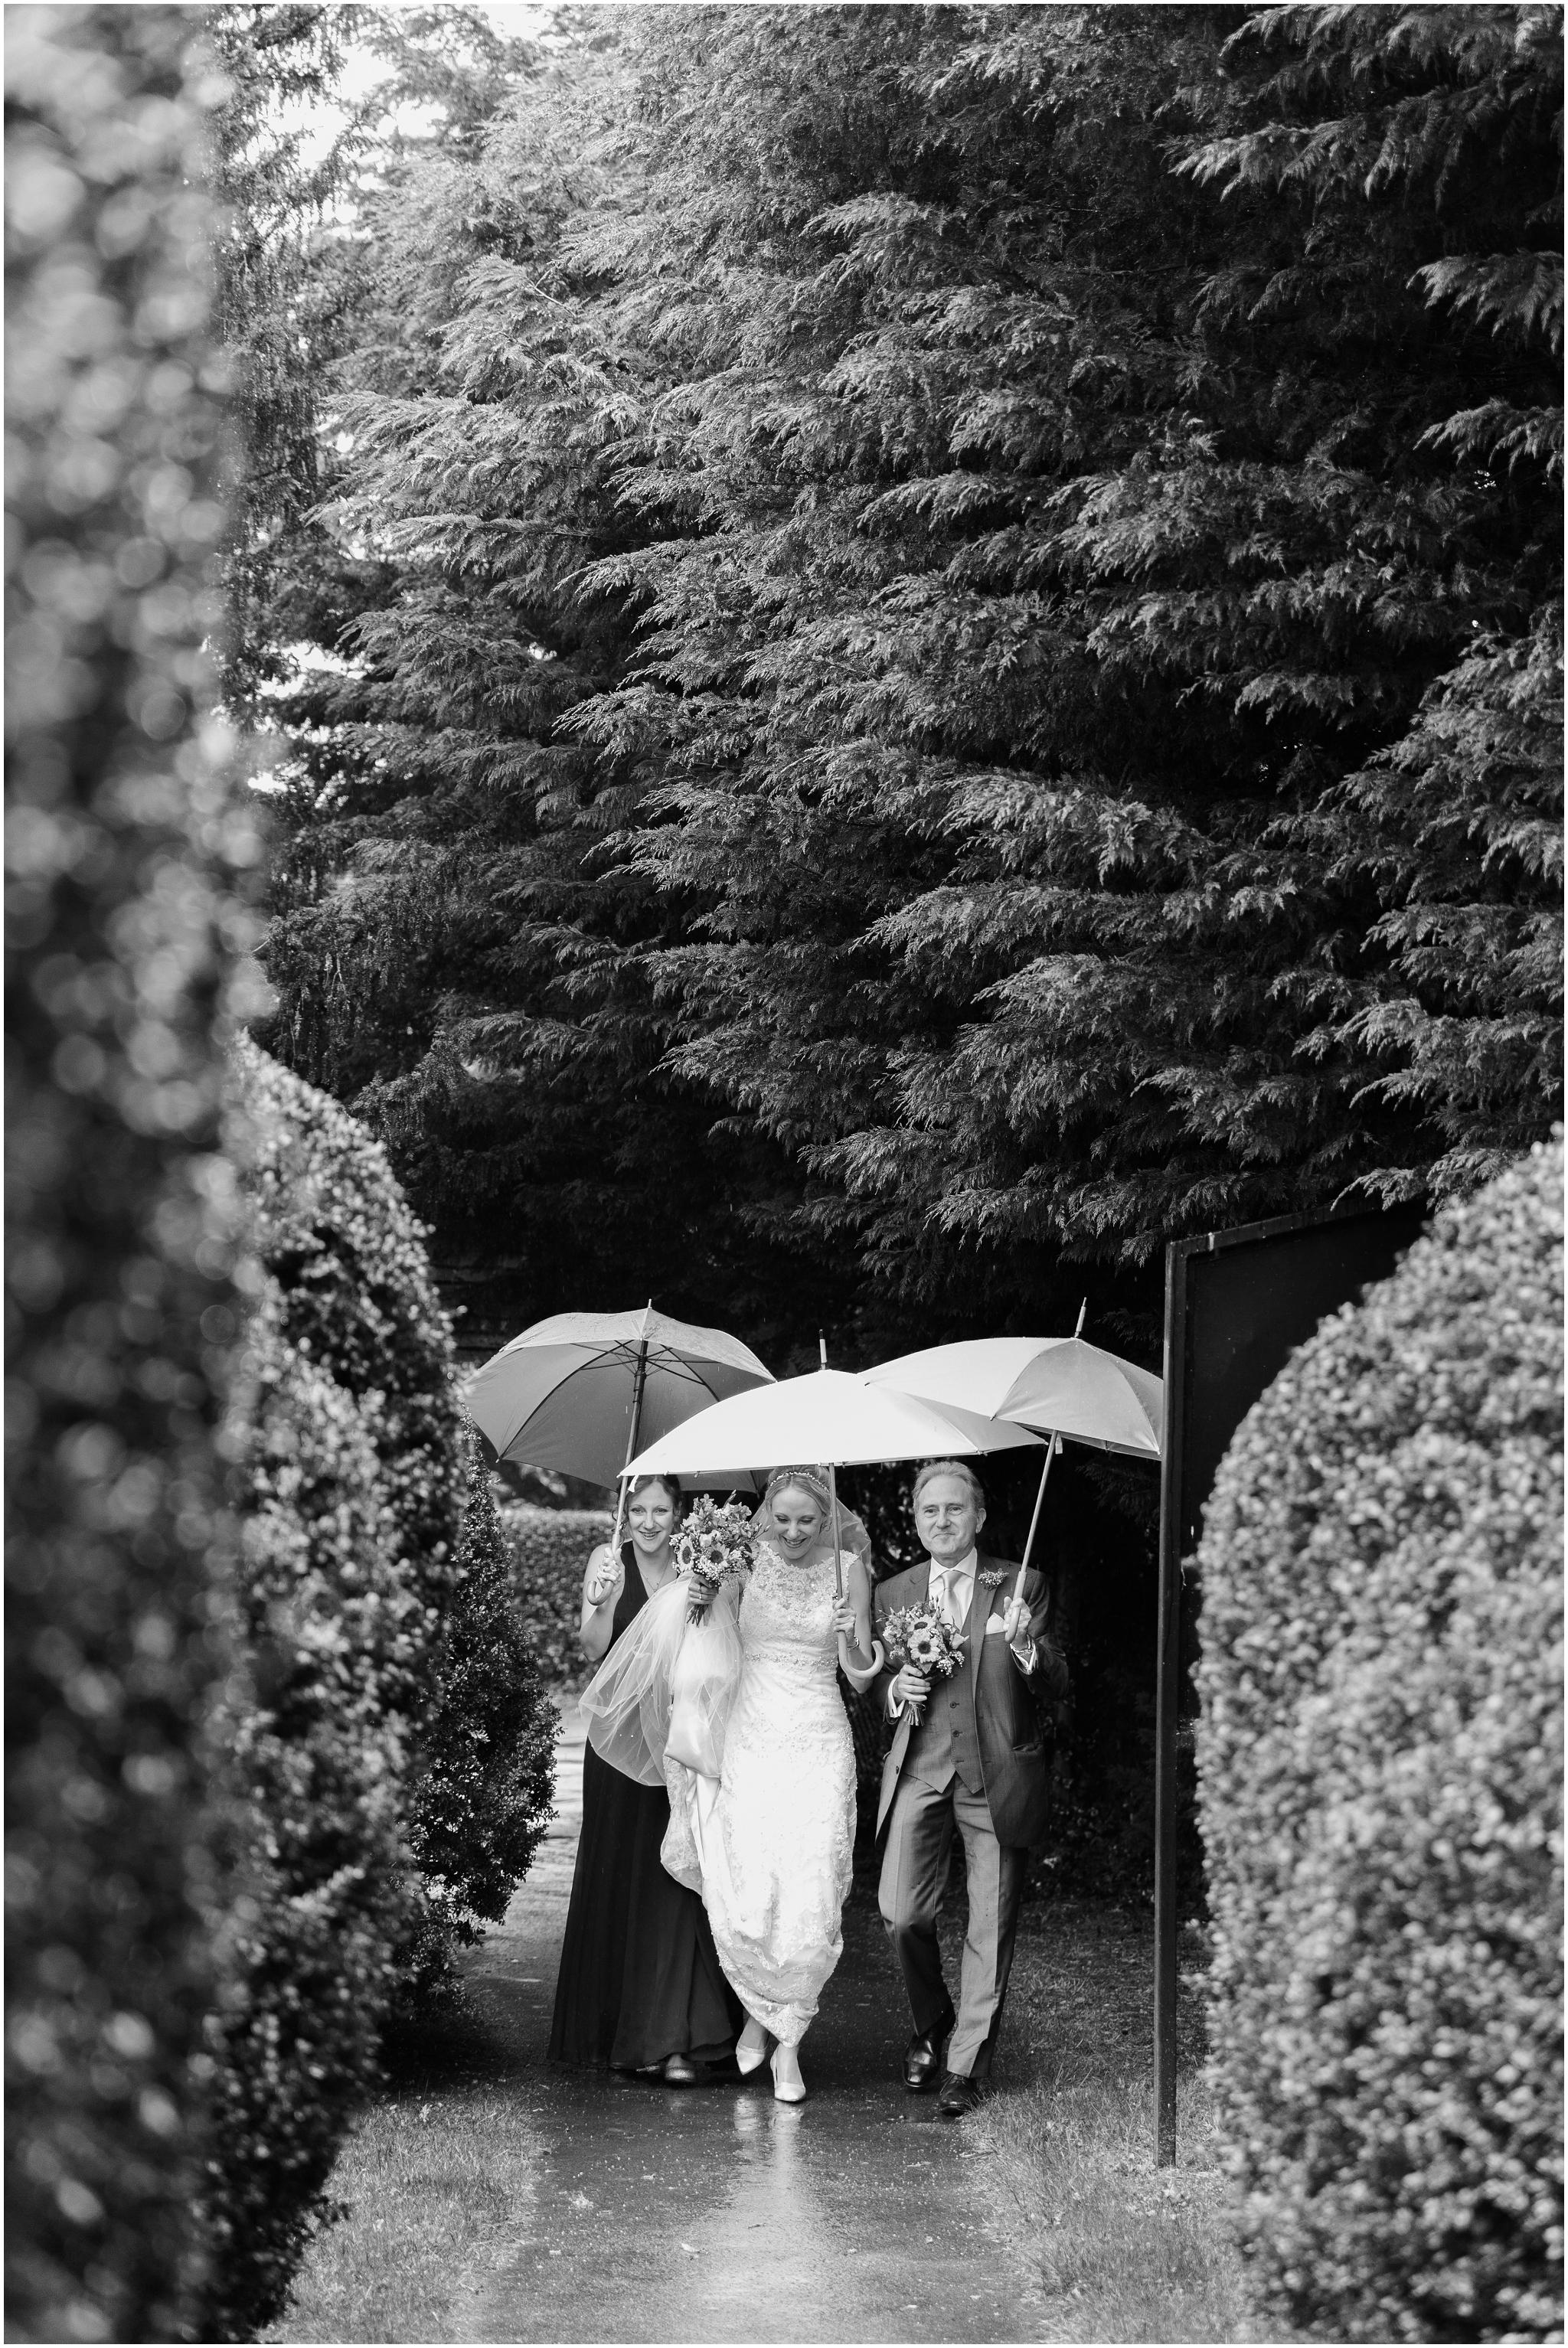 Wet Wedding UK